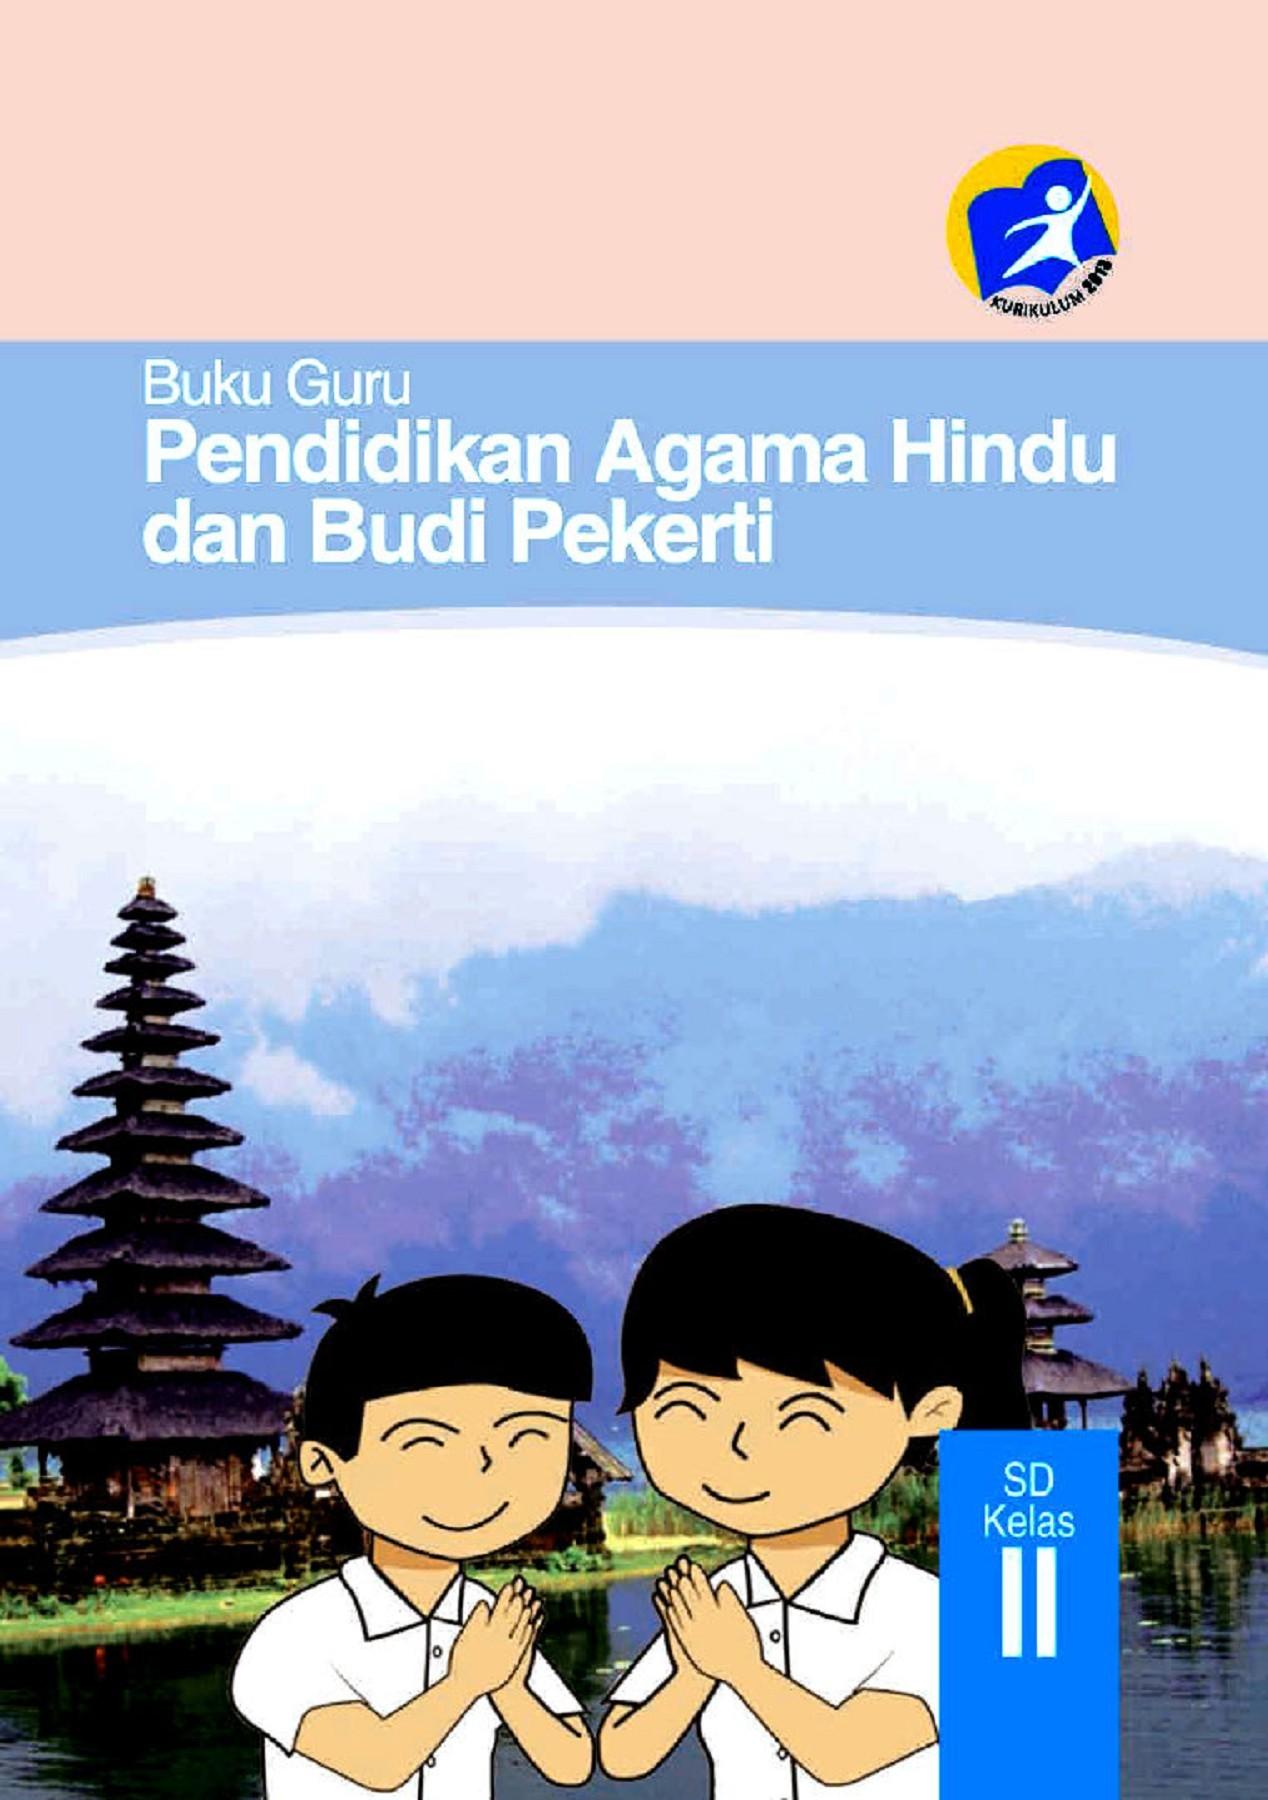 Kelas 02 SD Pendidikan Agama Hindu Dan Budi Pekerti Guru 2